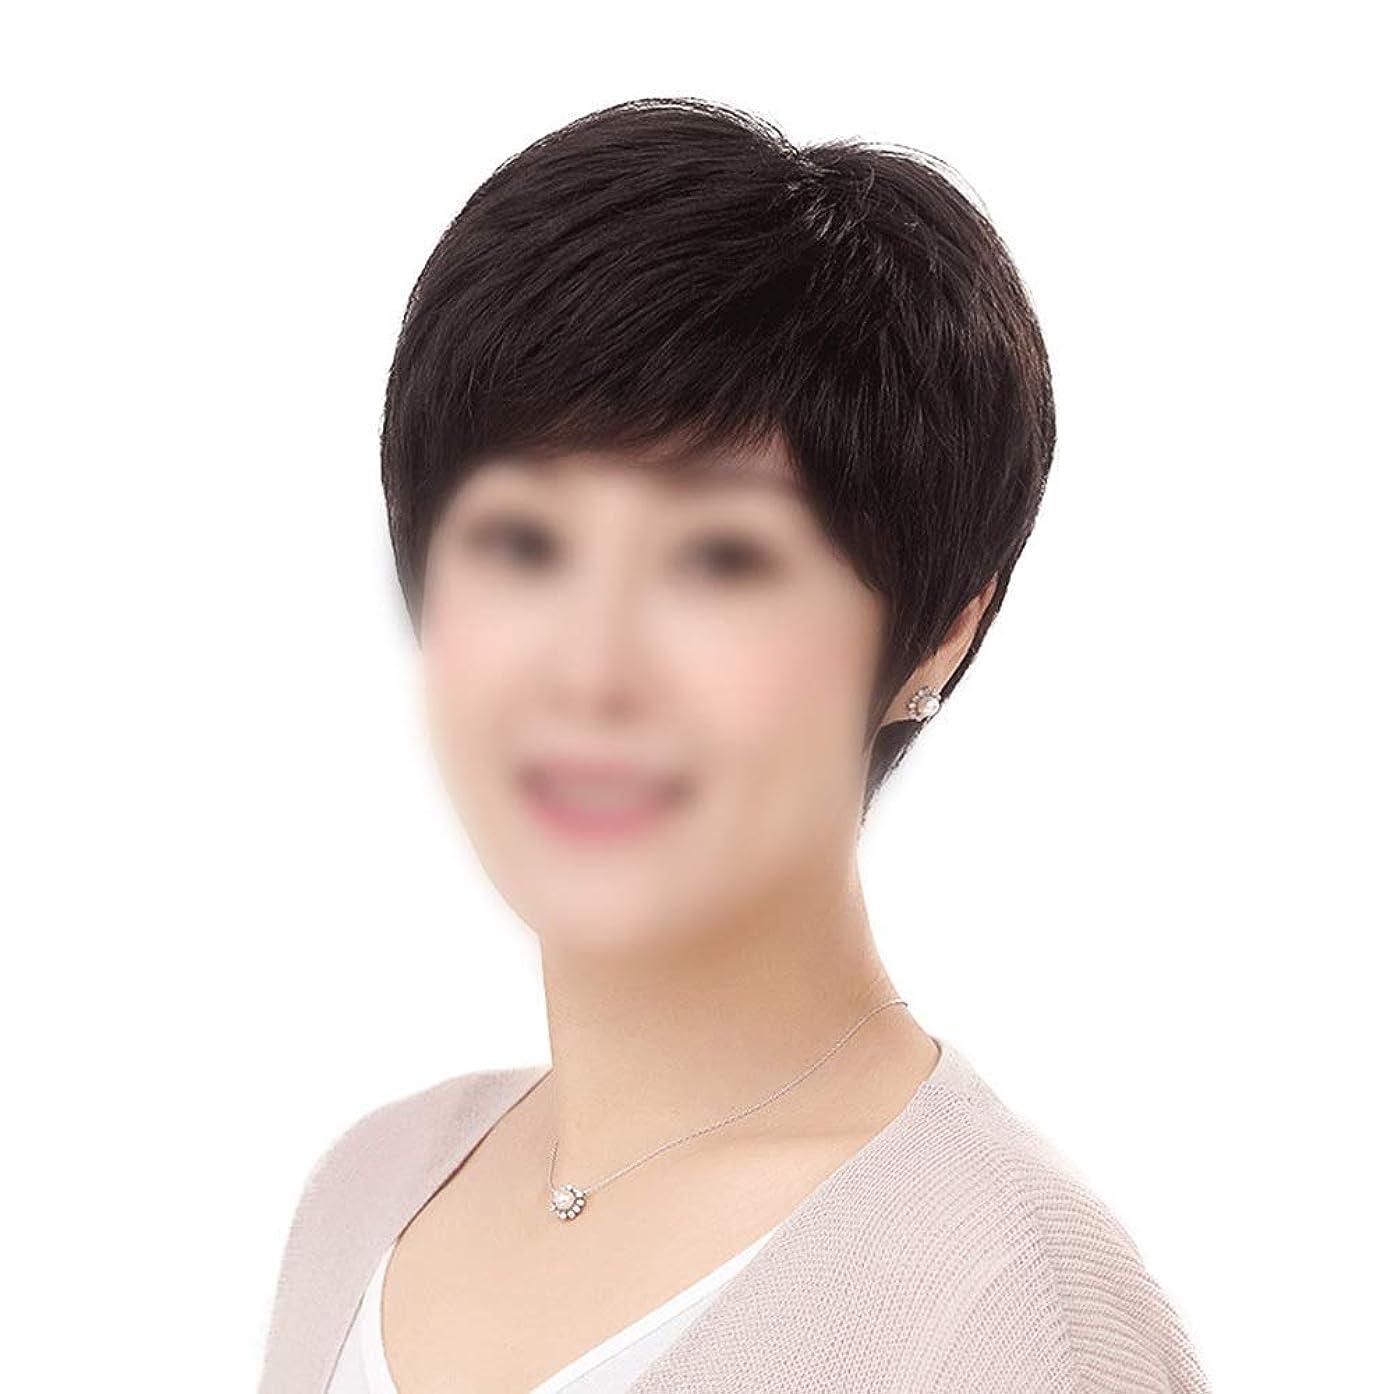 不従順汚す旅行代理店Yrattary 女性のためのリアルヘアショートカーリーヘアーミドルとオールドウィッグ母デイリーウェアファッションウィッグ (Color : Dark brown, Design : Mechanism)